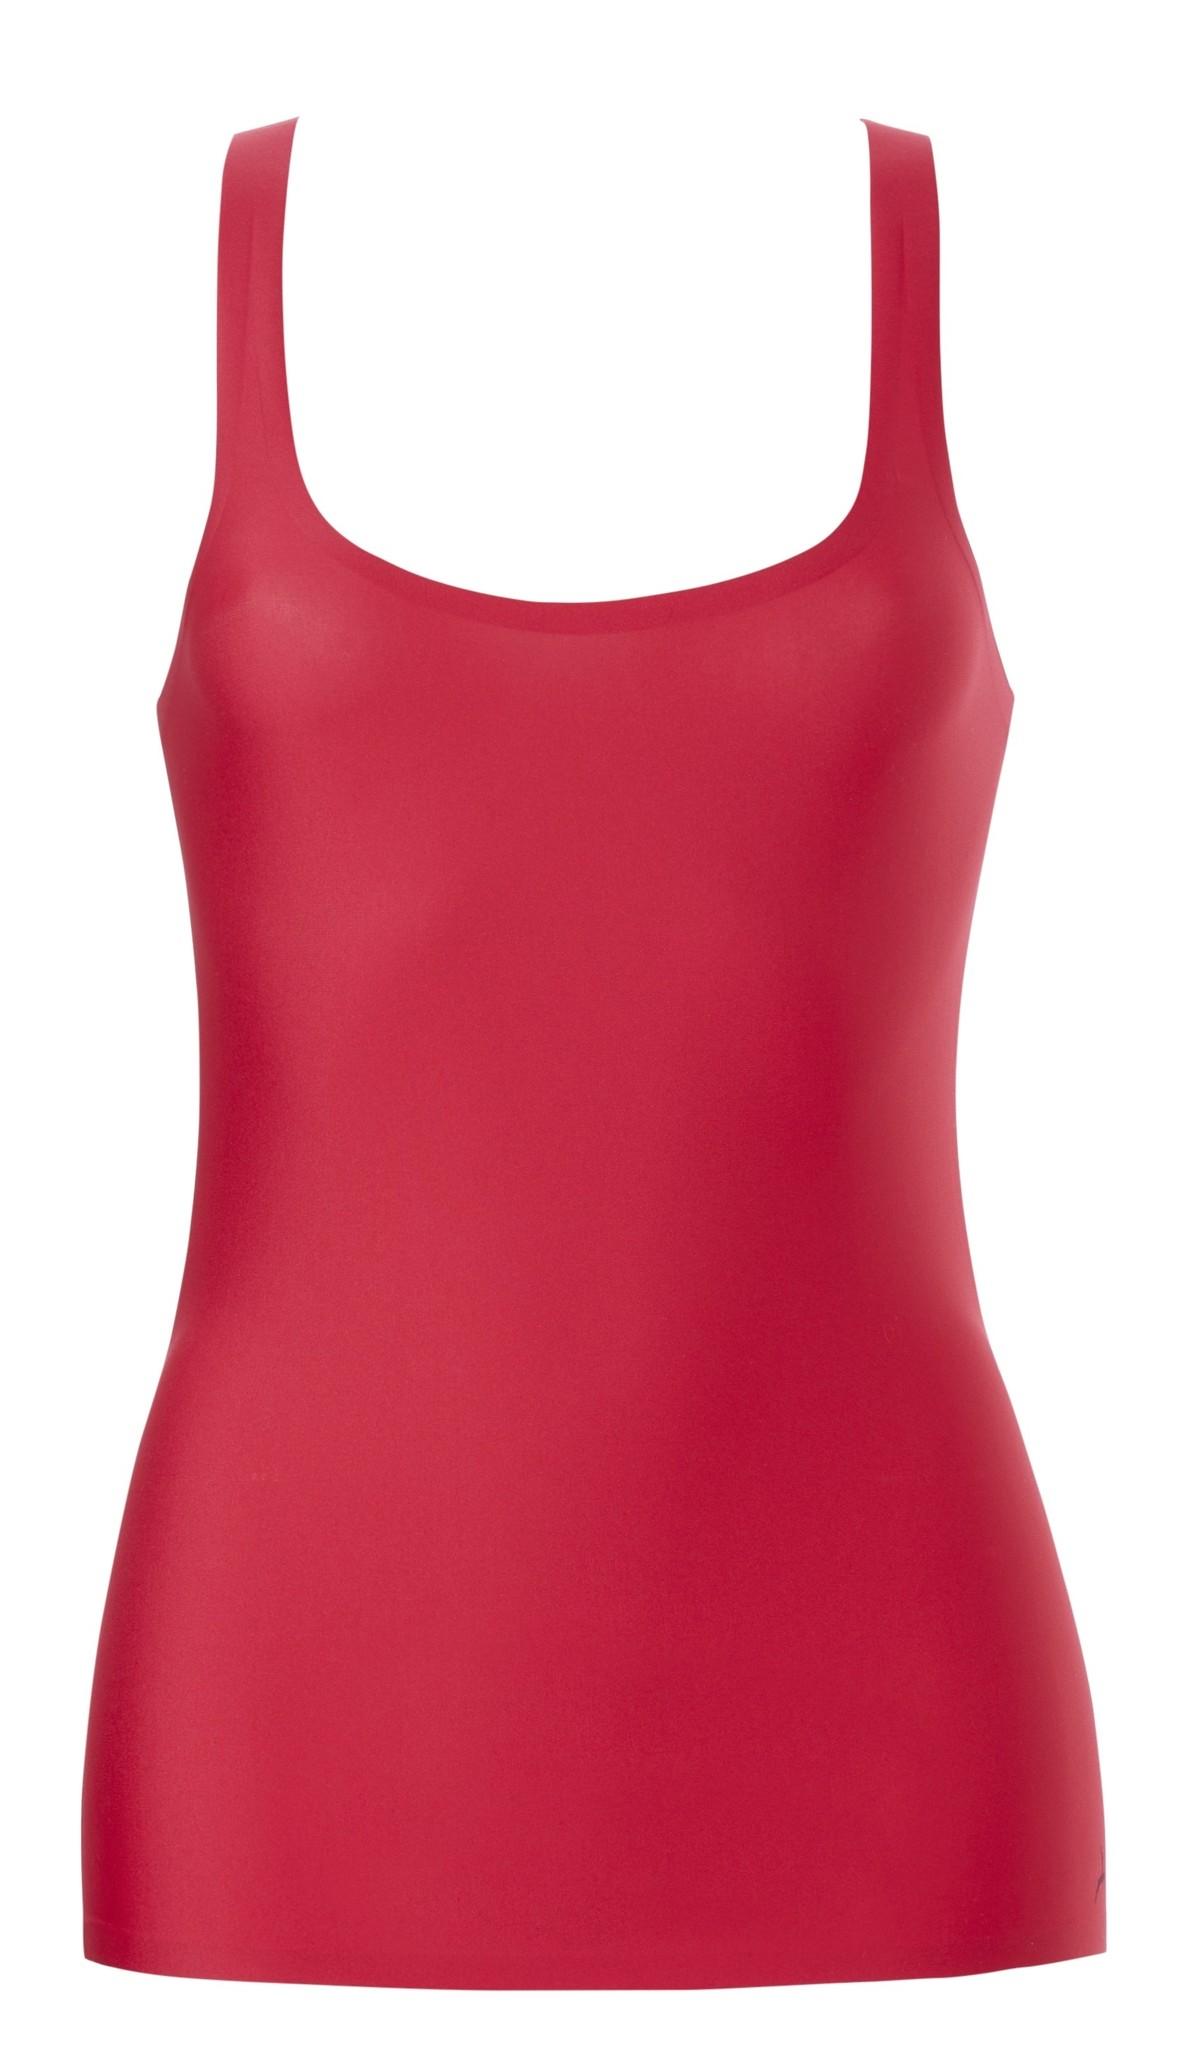 Ten Cate Ten Cate Secrets singlet S-XL scarlet